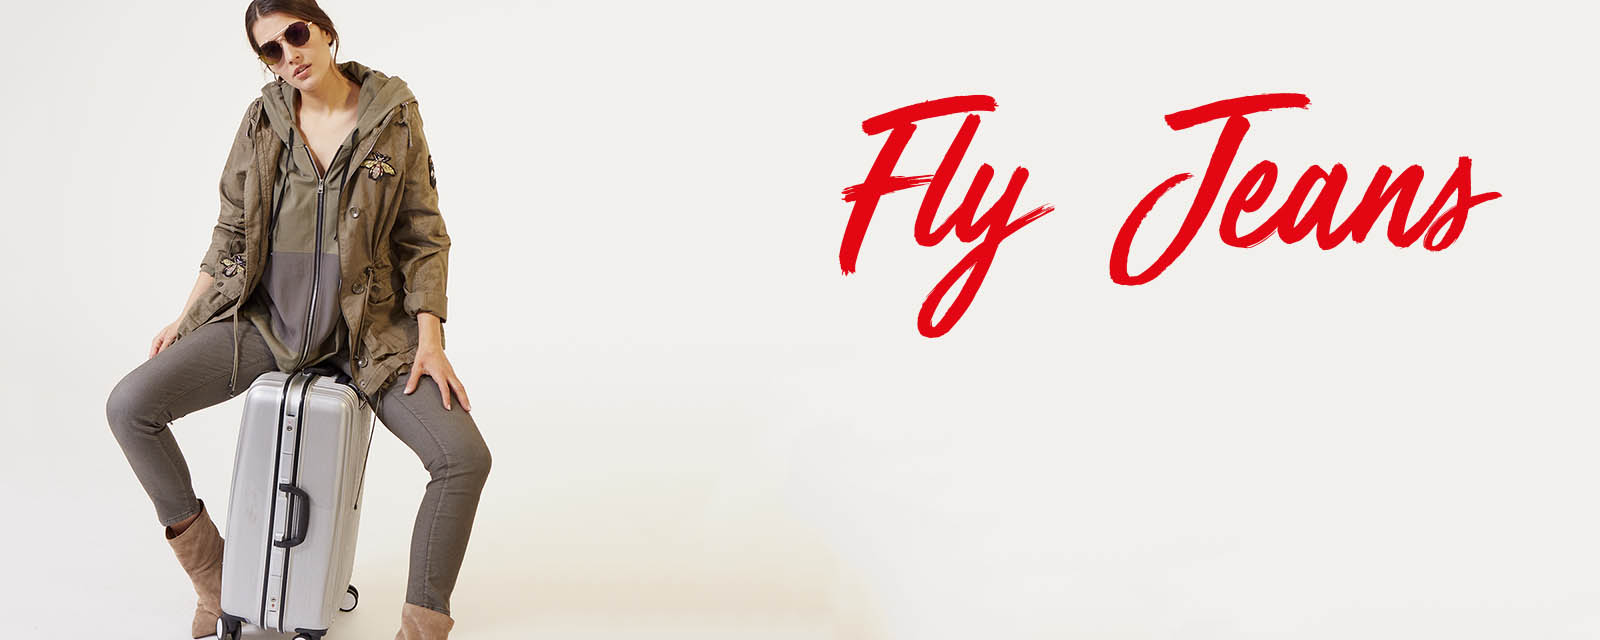 Fly Jeans - Fiorella Rubino